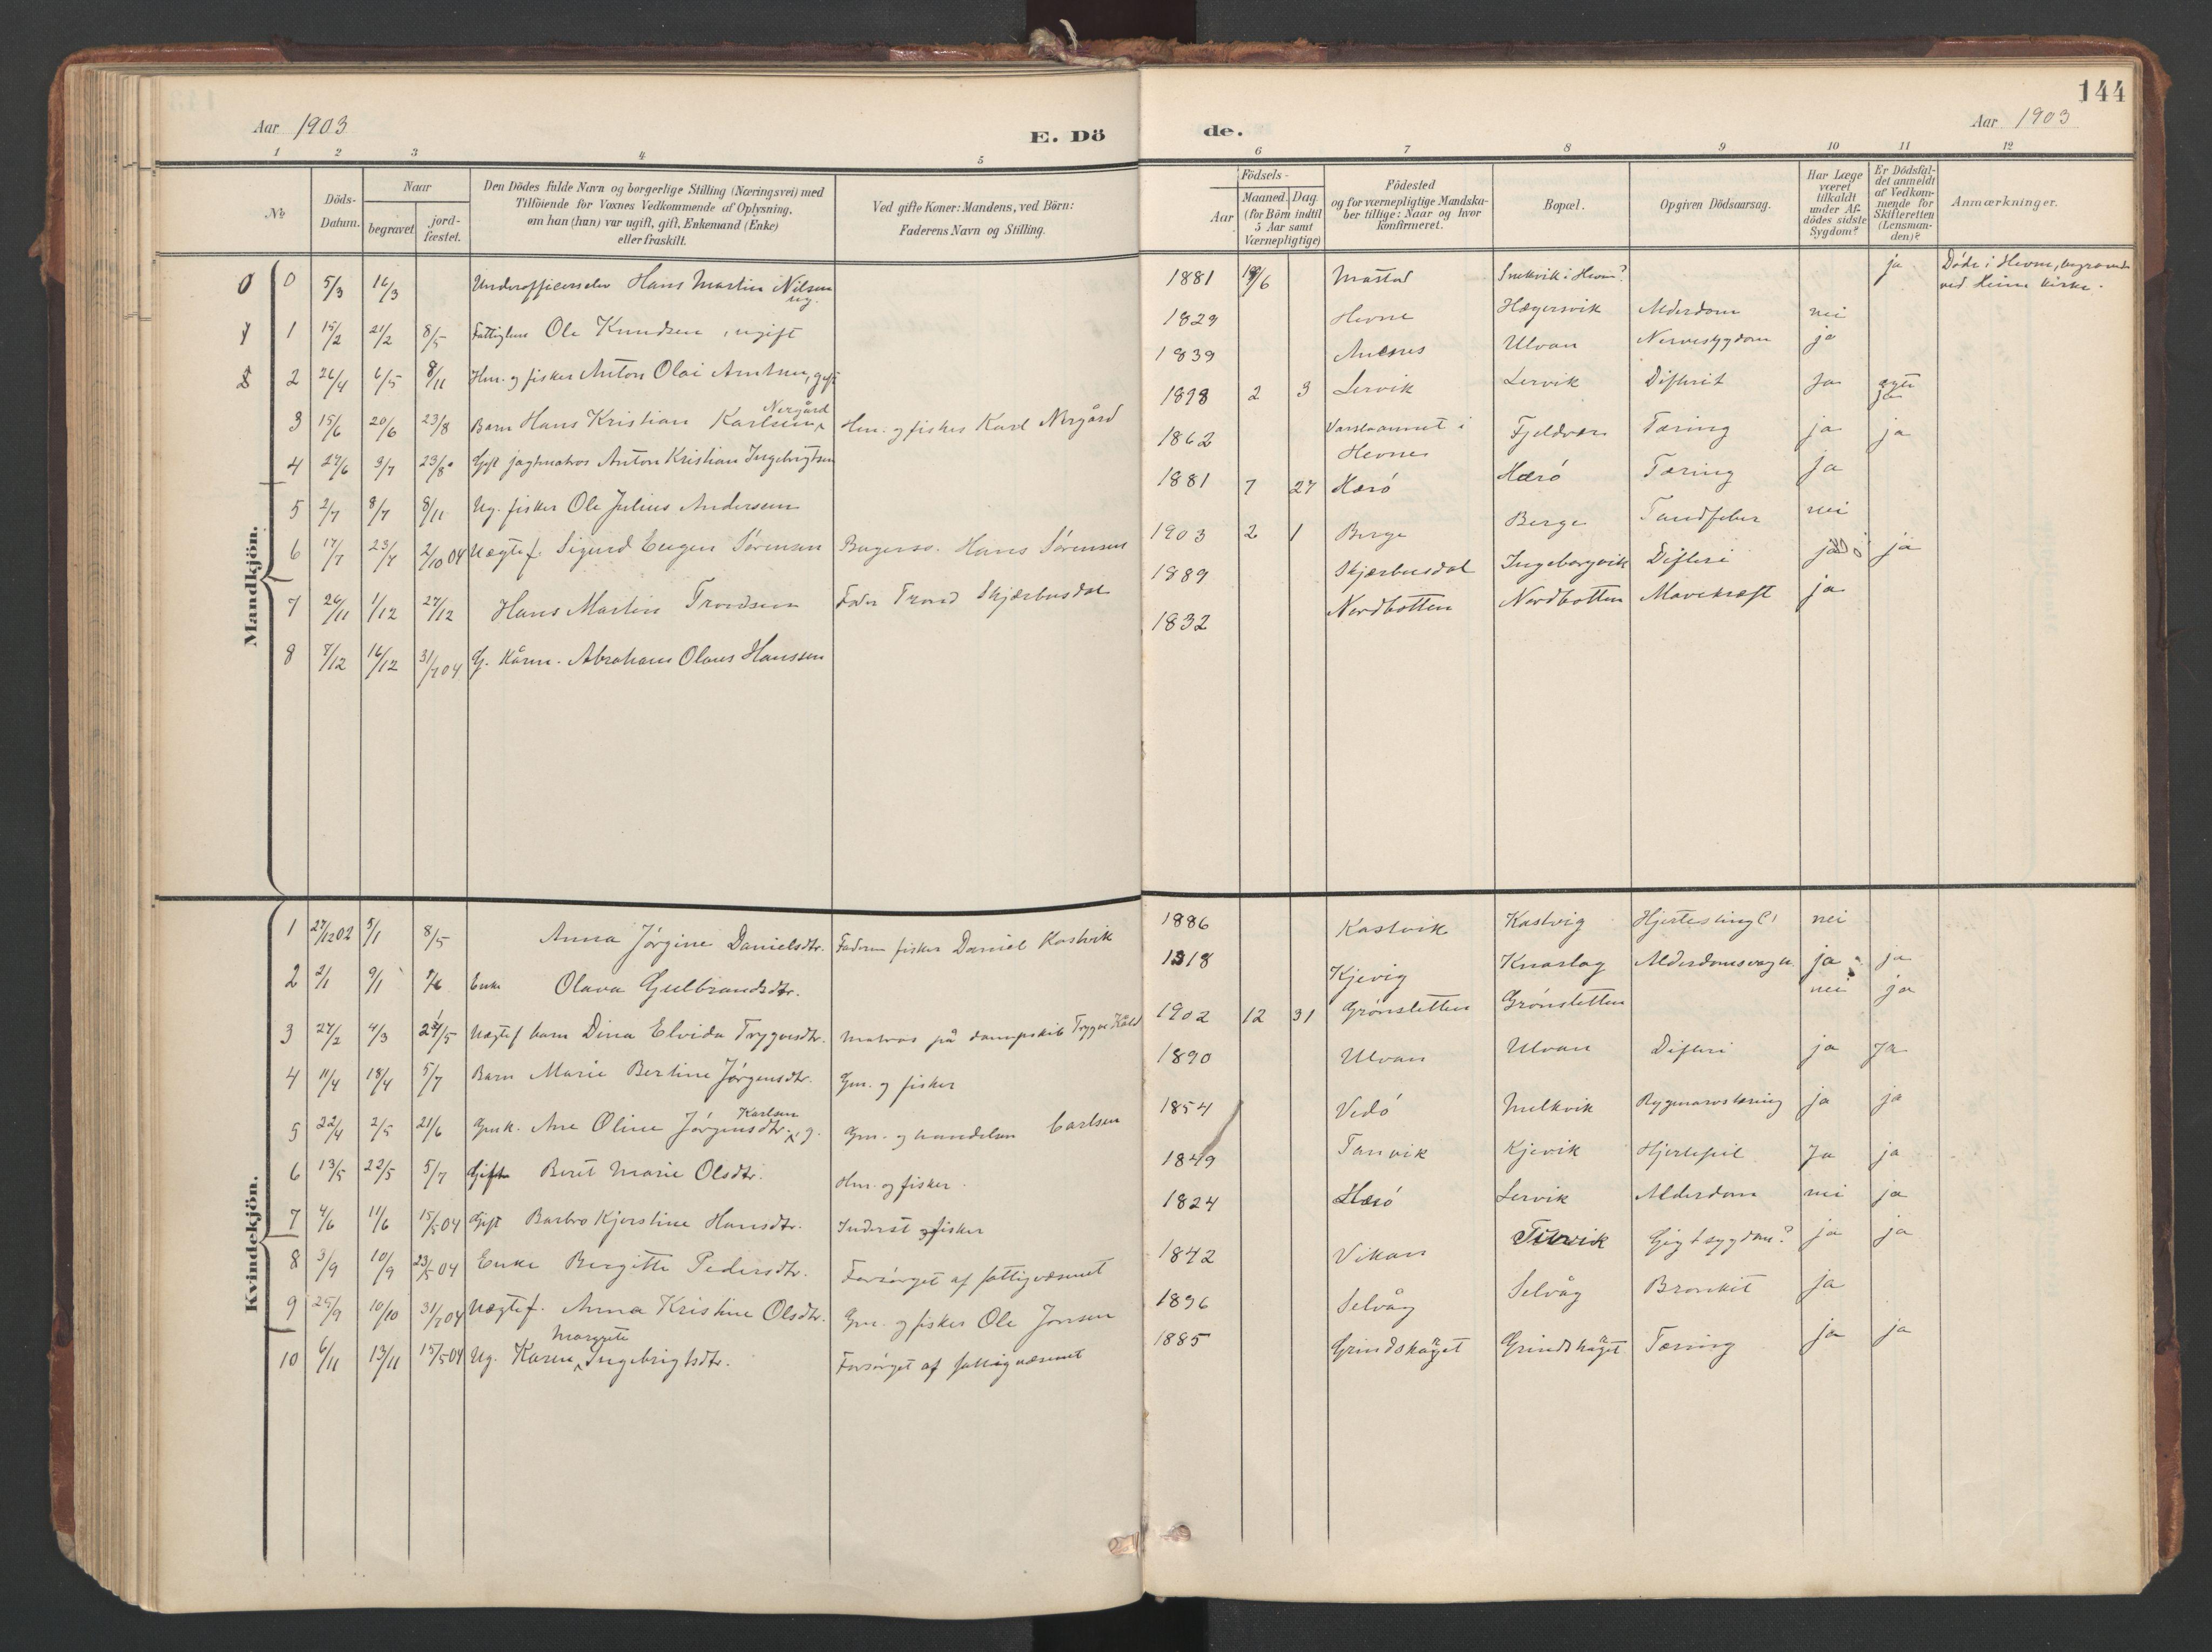 SAT, Ministerialprotokoller, klokkerbøker og fødselsregistre - Sør-Trøndelag, 638/L0568: Ministerialbok nr. 638A01, 1901-1916, s. 144